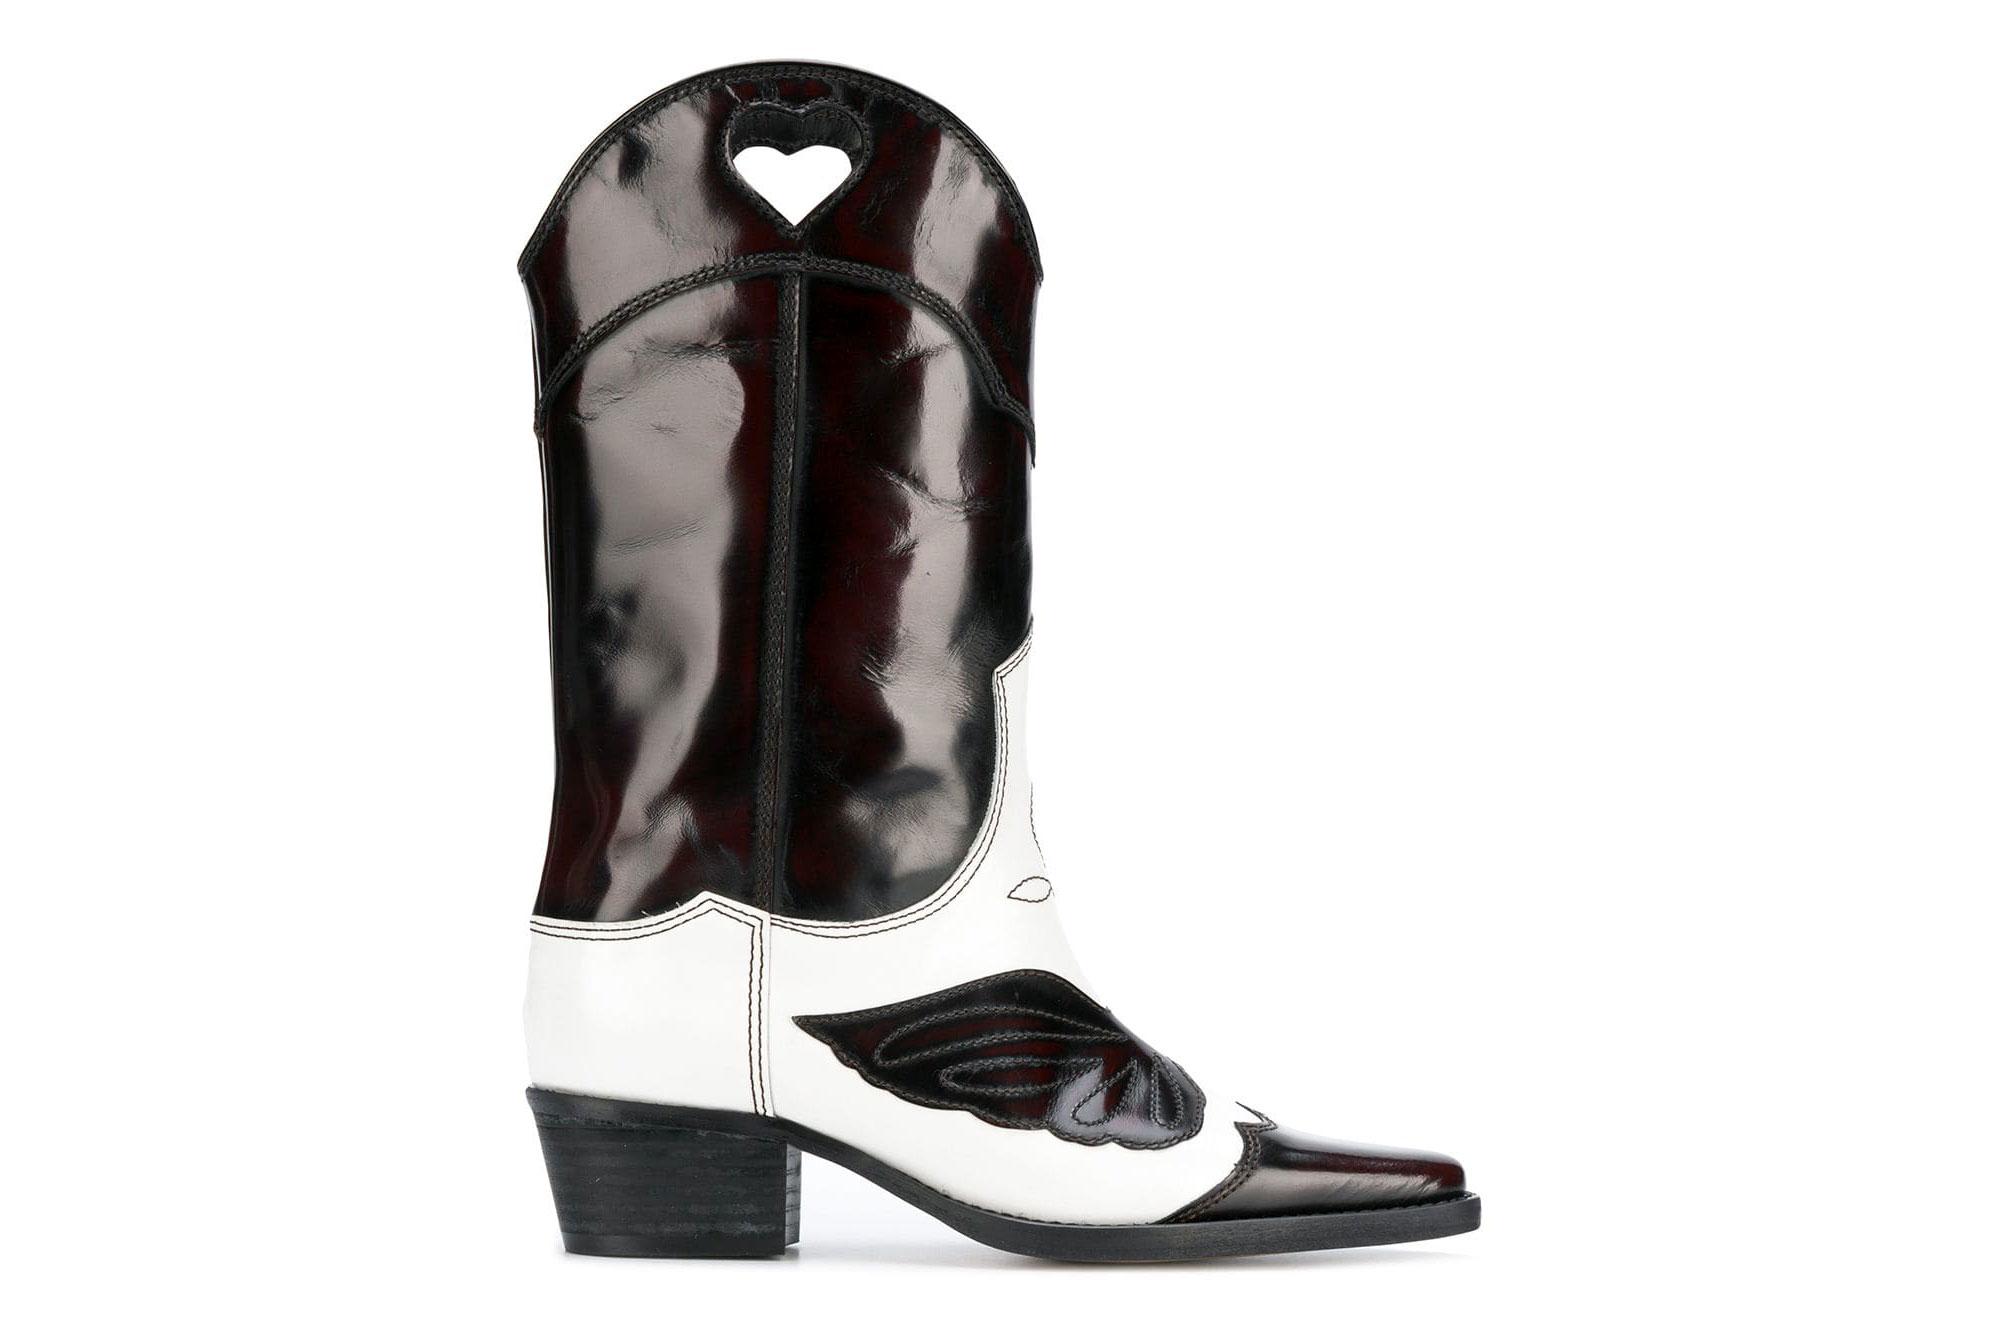 Marlyn Boots